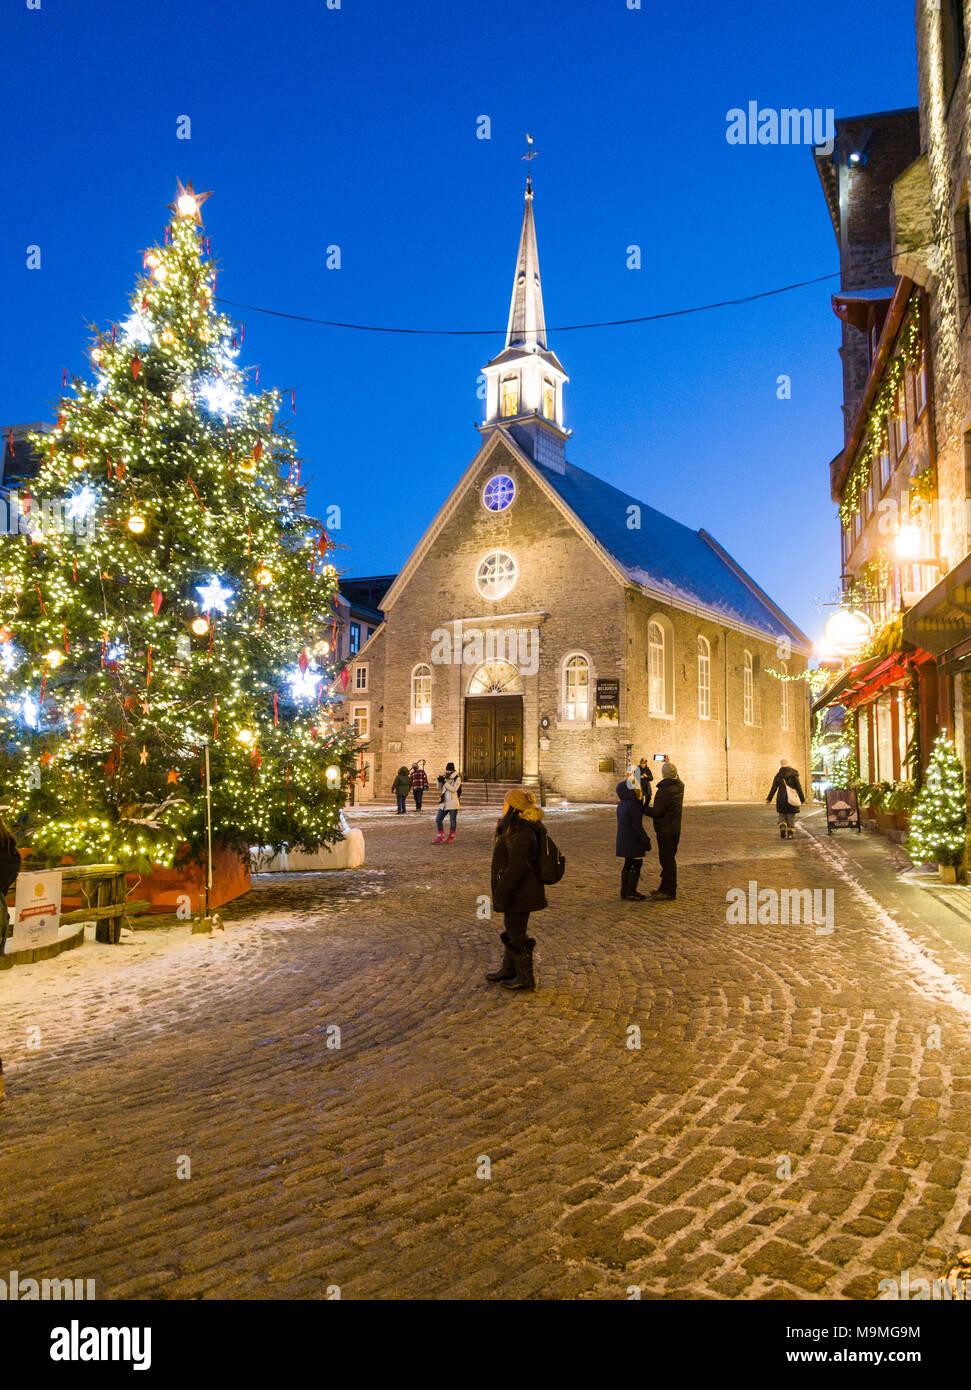 Albero Di Natale Quebec.La Cattedrale Di Notre Dame Des Victorires E Albero Di Natale La Piccola Chiesa Nella Sezione